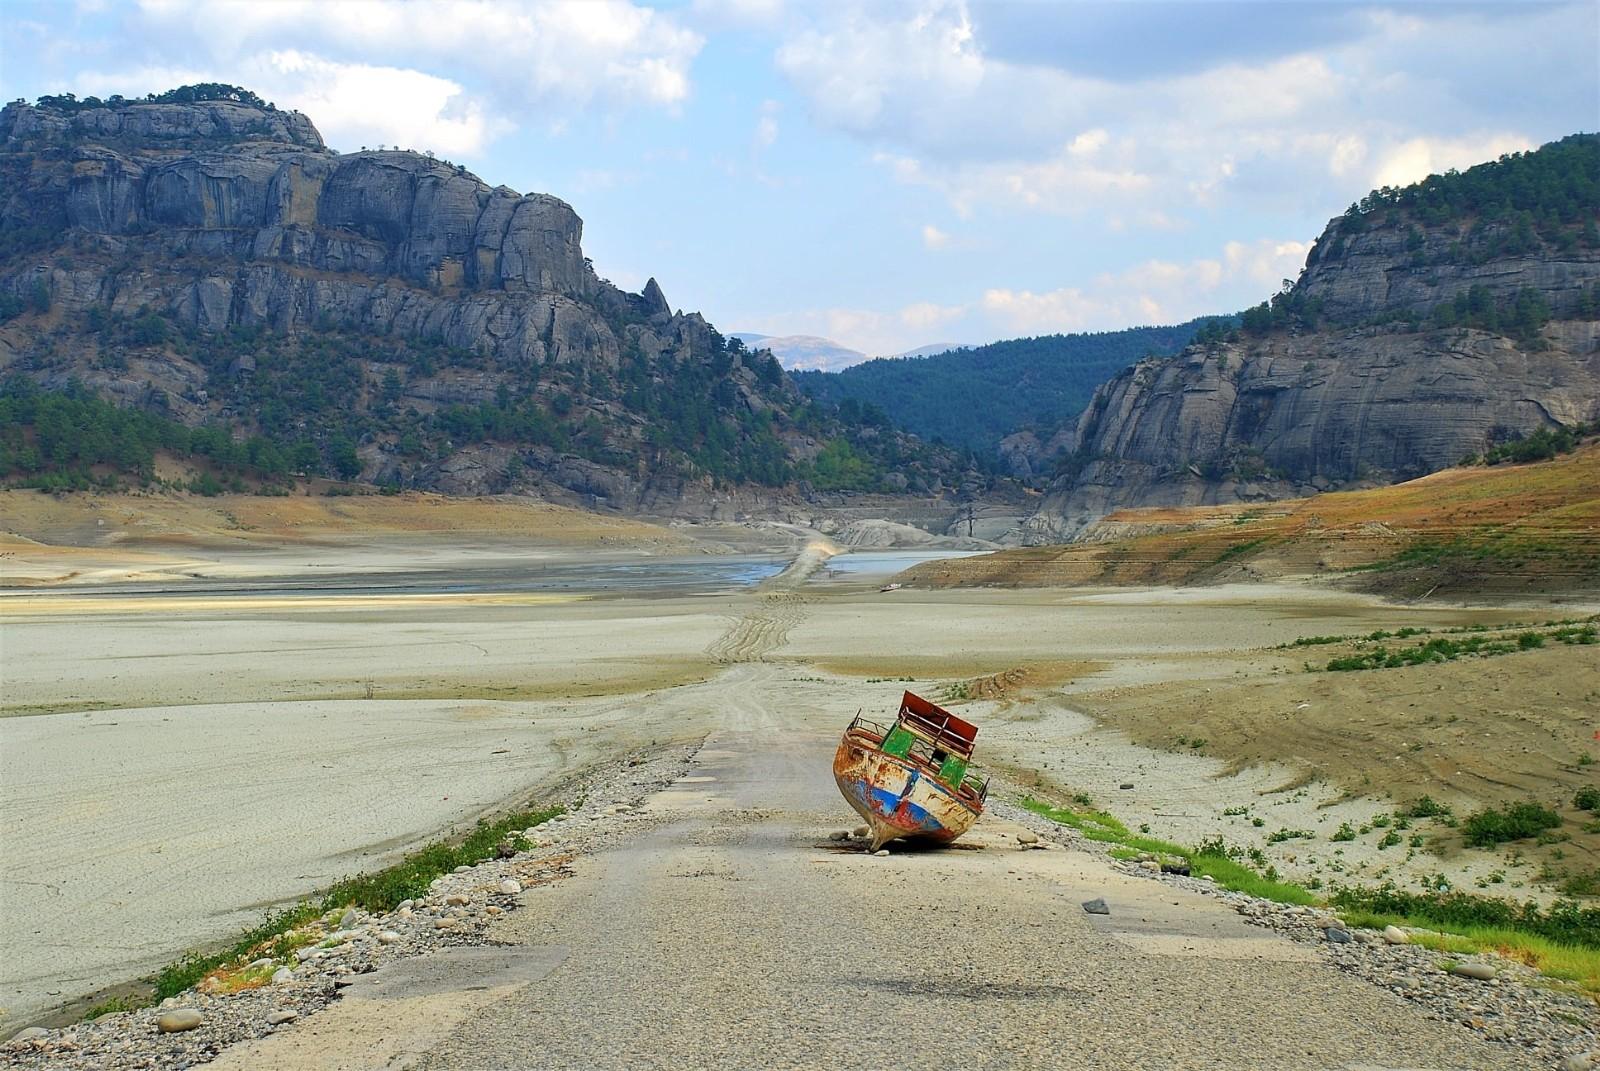 Kahramanmaraş'taki barajlarda su seviyesi geçen yıla oranla yüzde 10 düştü